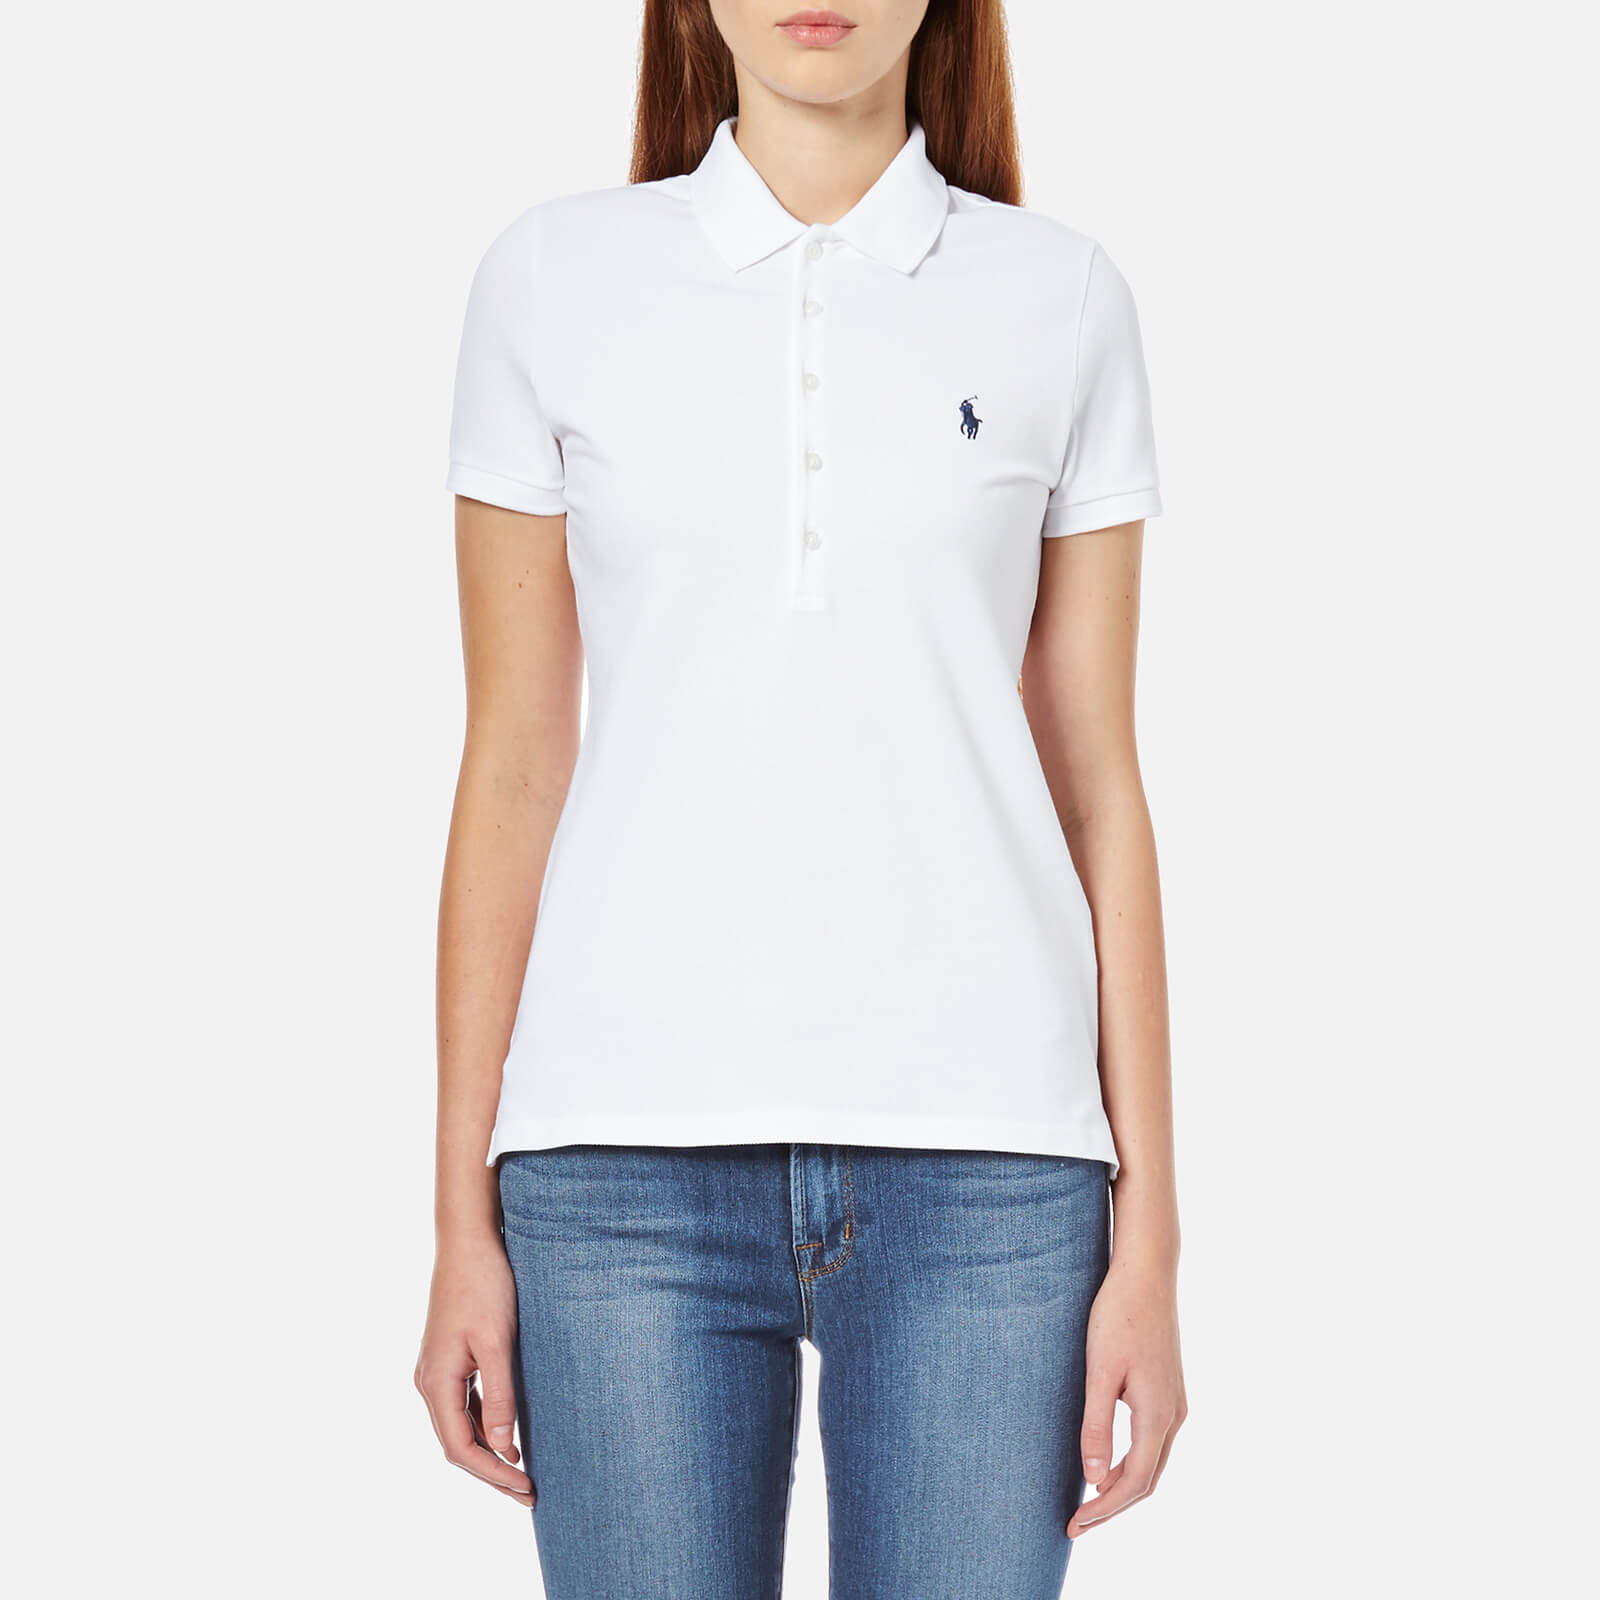 215b5ffdf12b Polo Ralph Lauren Women s Julie Polo Shirt - White